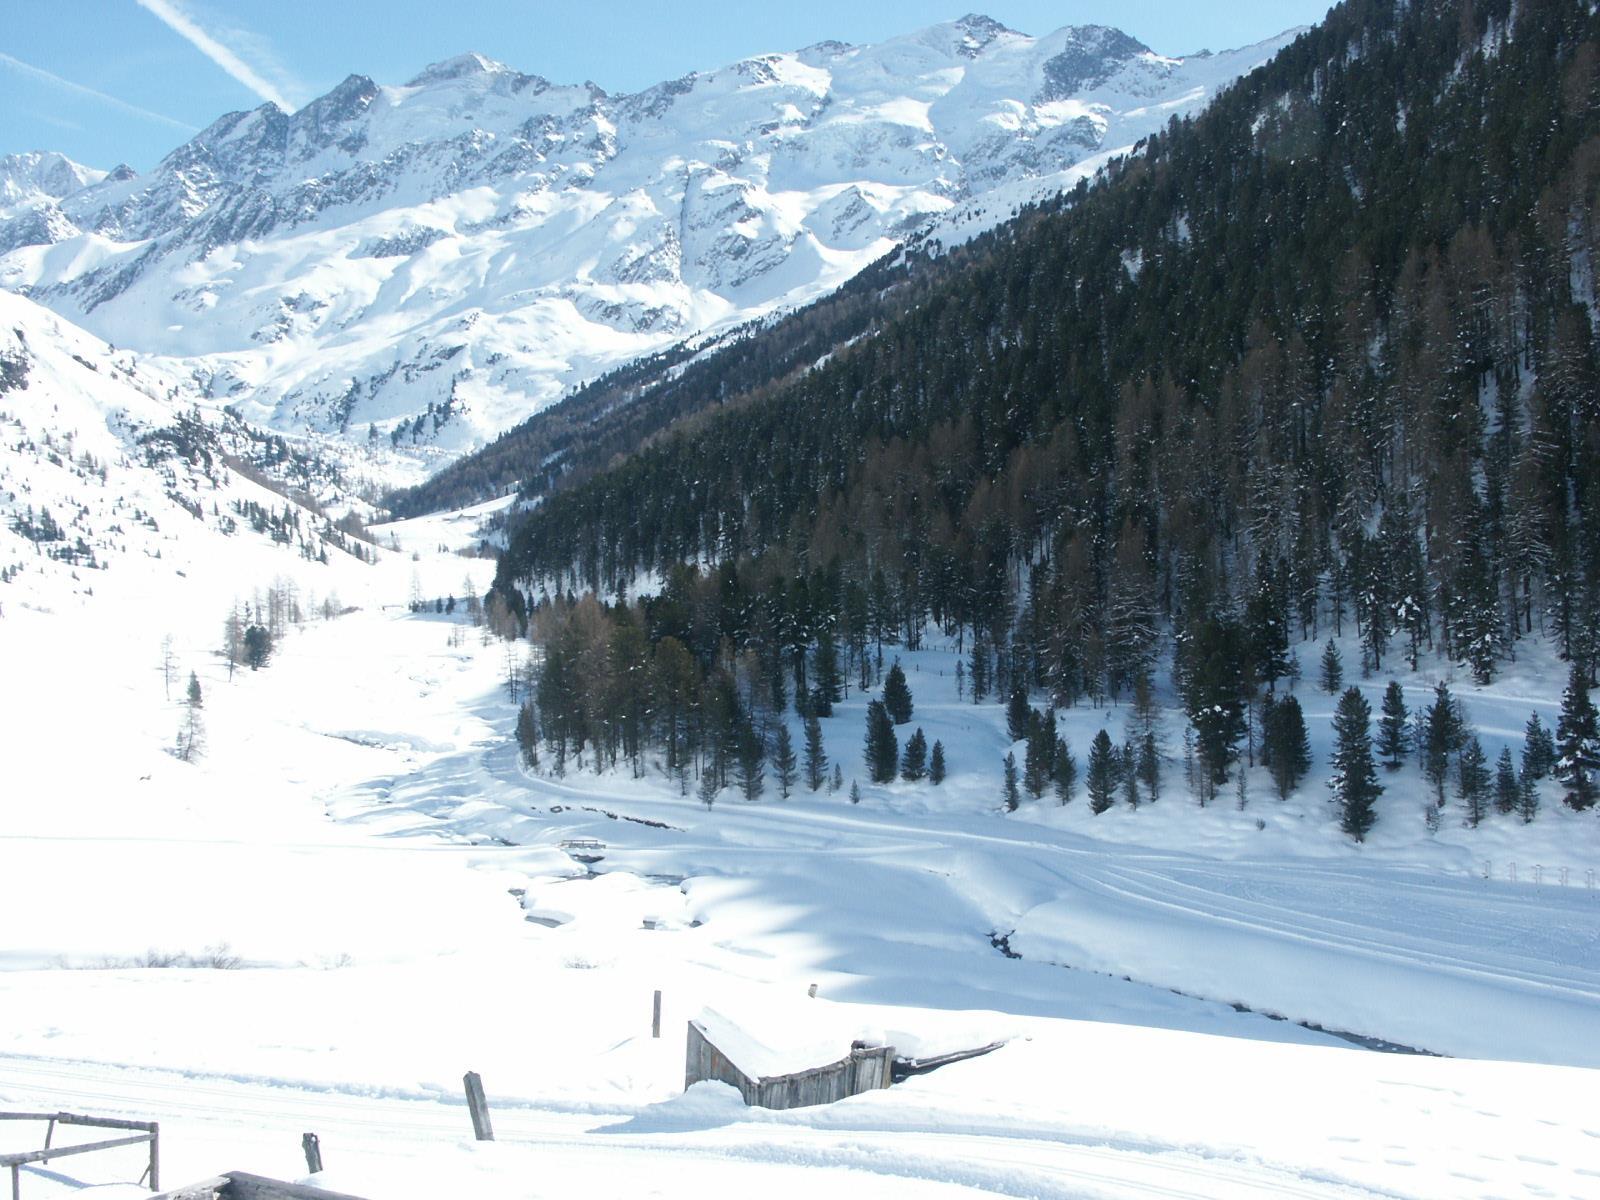 winter panoramic view